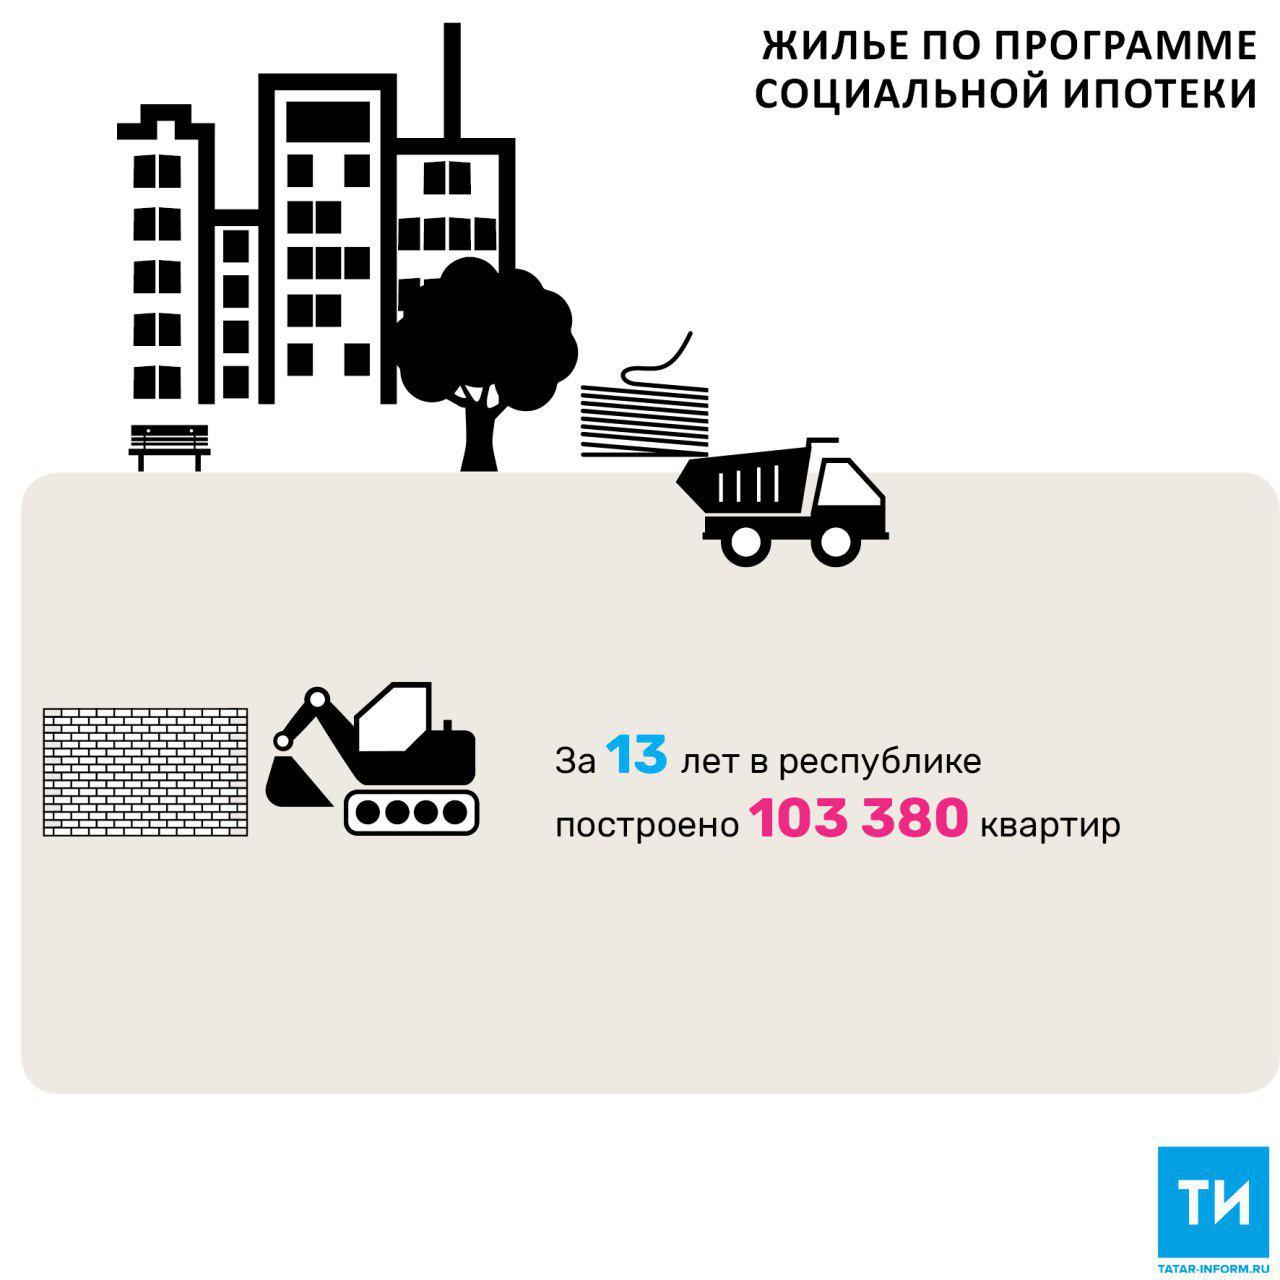 В 2018 году в Татарстане планируется сдать 527 тыс. кв. м жилья по программе социальной ипотеки